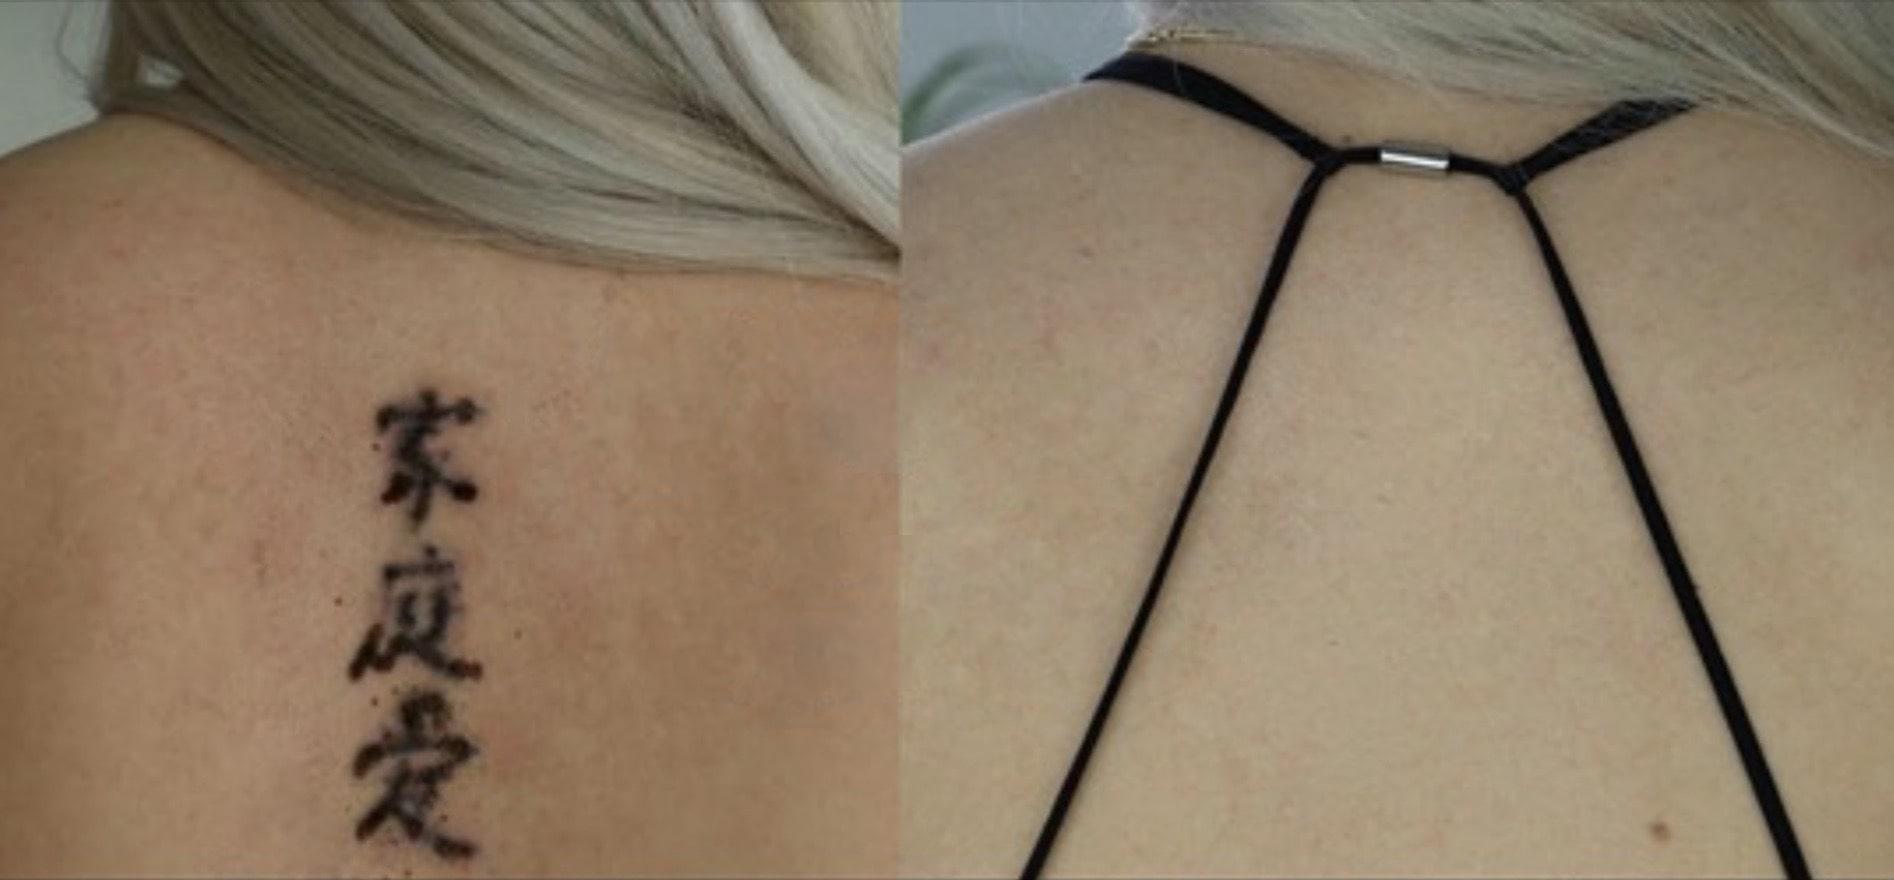 Tatuoinnin Poisto Kokemuksia